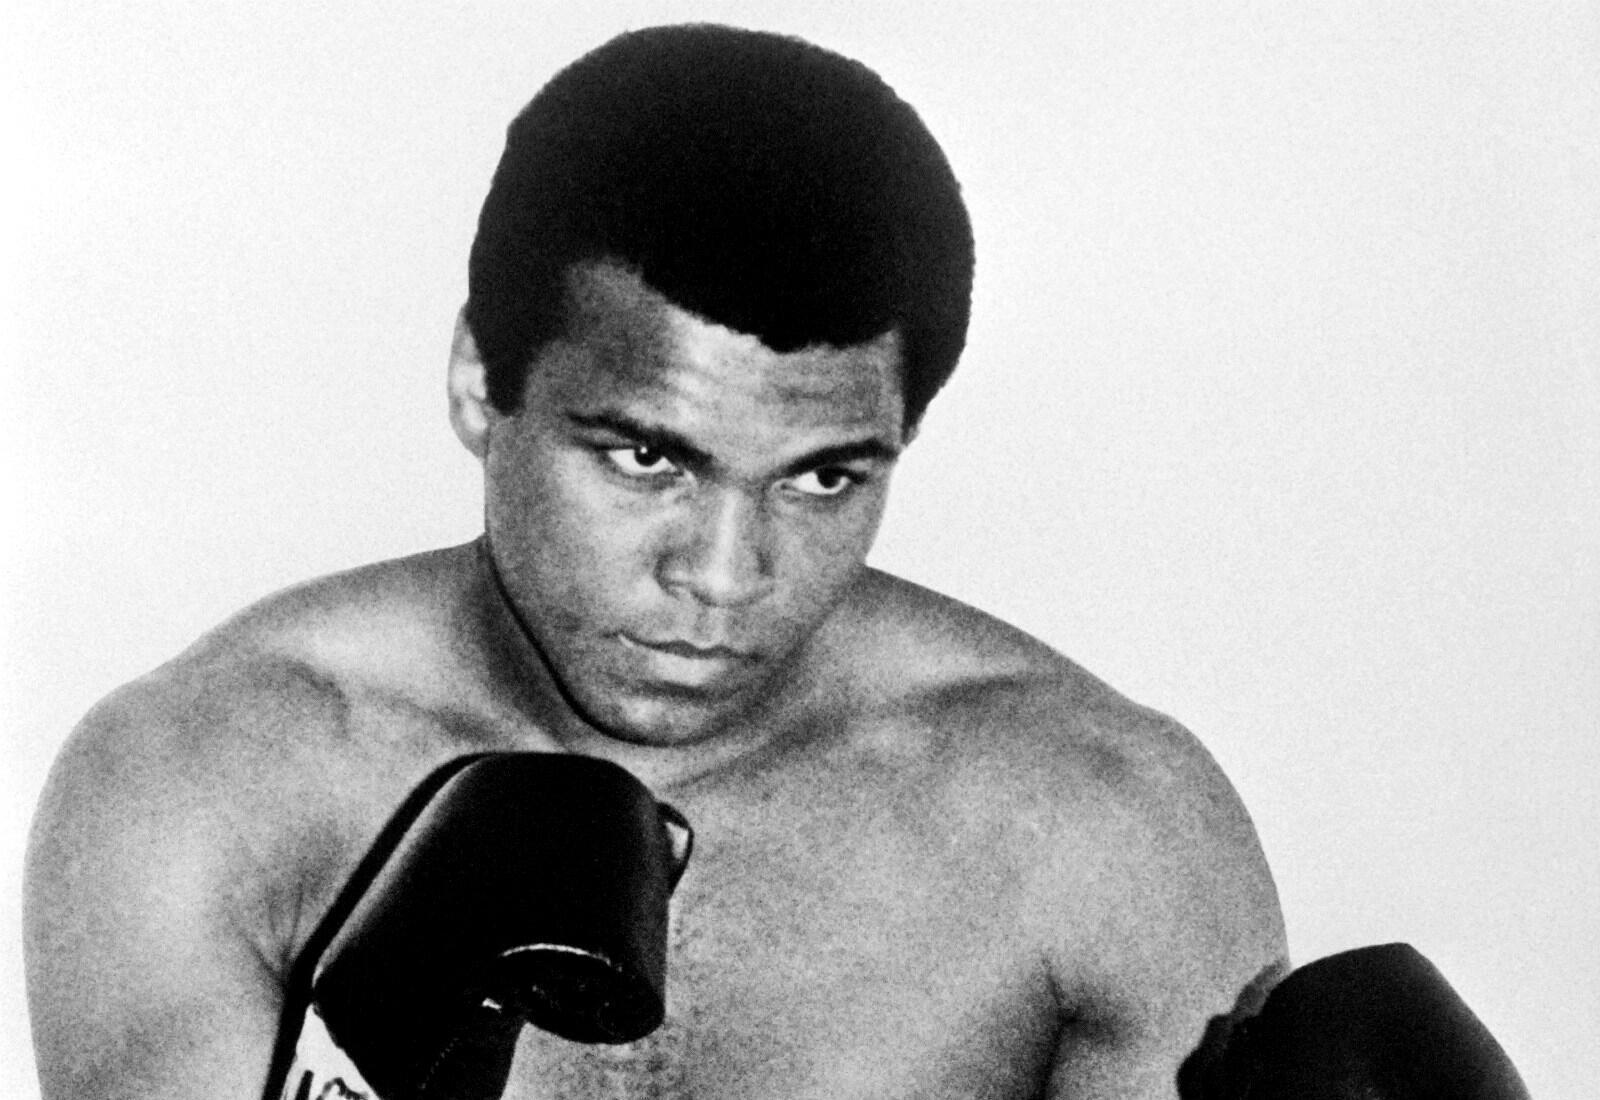 Légende américaine de la boxe, triple champion du monde des lourds, Mohamed Ali s'est éteint le 3 juin 2016, à l'âge de 74 ans. Ce fervent militant de la cause des Africains-Américains souffrait depuis des décennies de la maladie de Parkinson.